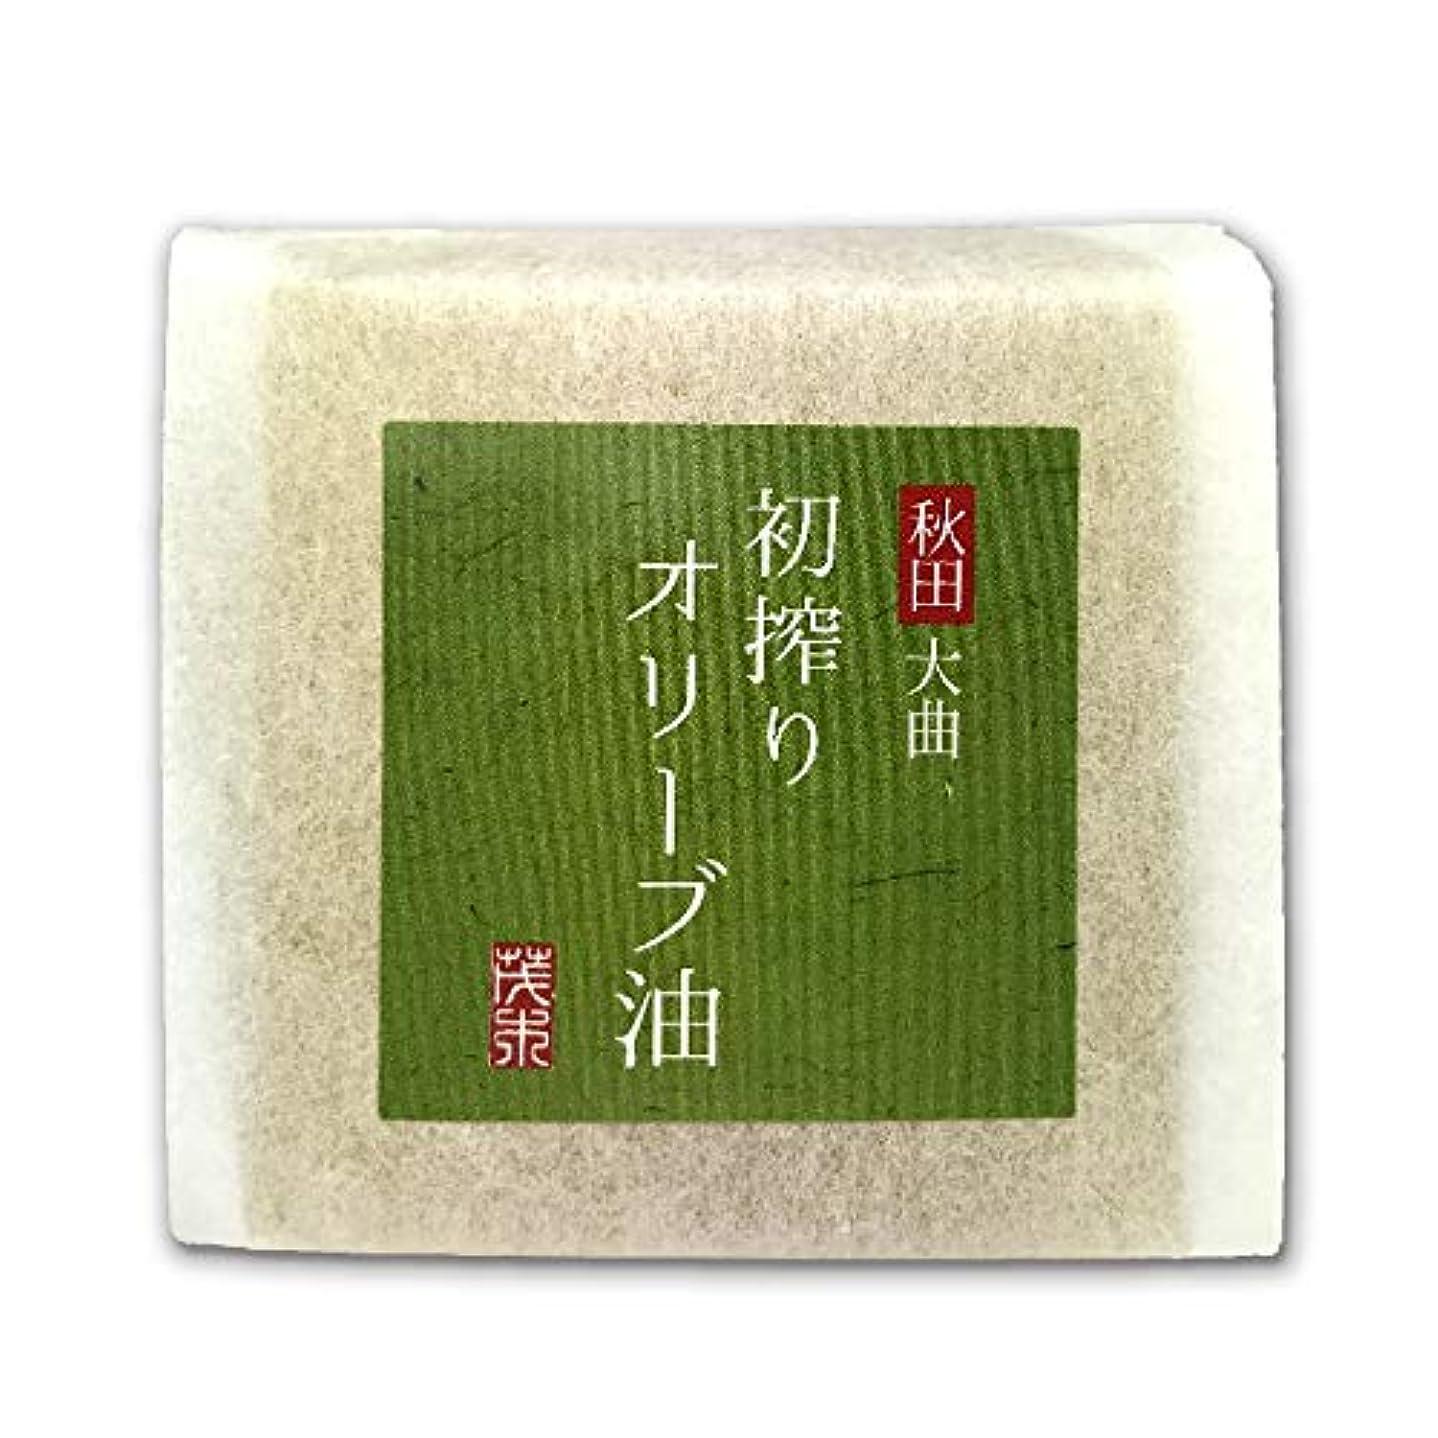 ビュッフェ新しい意味自体初搾りオリーブ油石鹸 100g